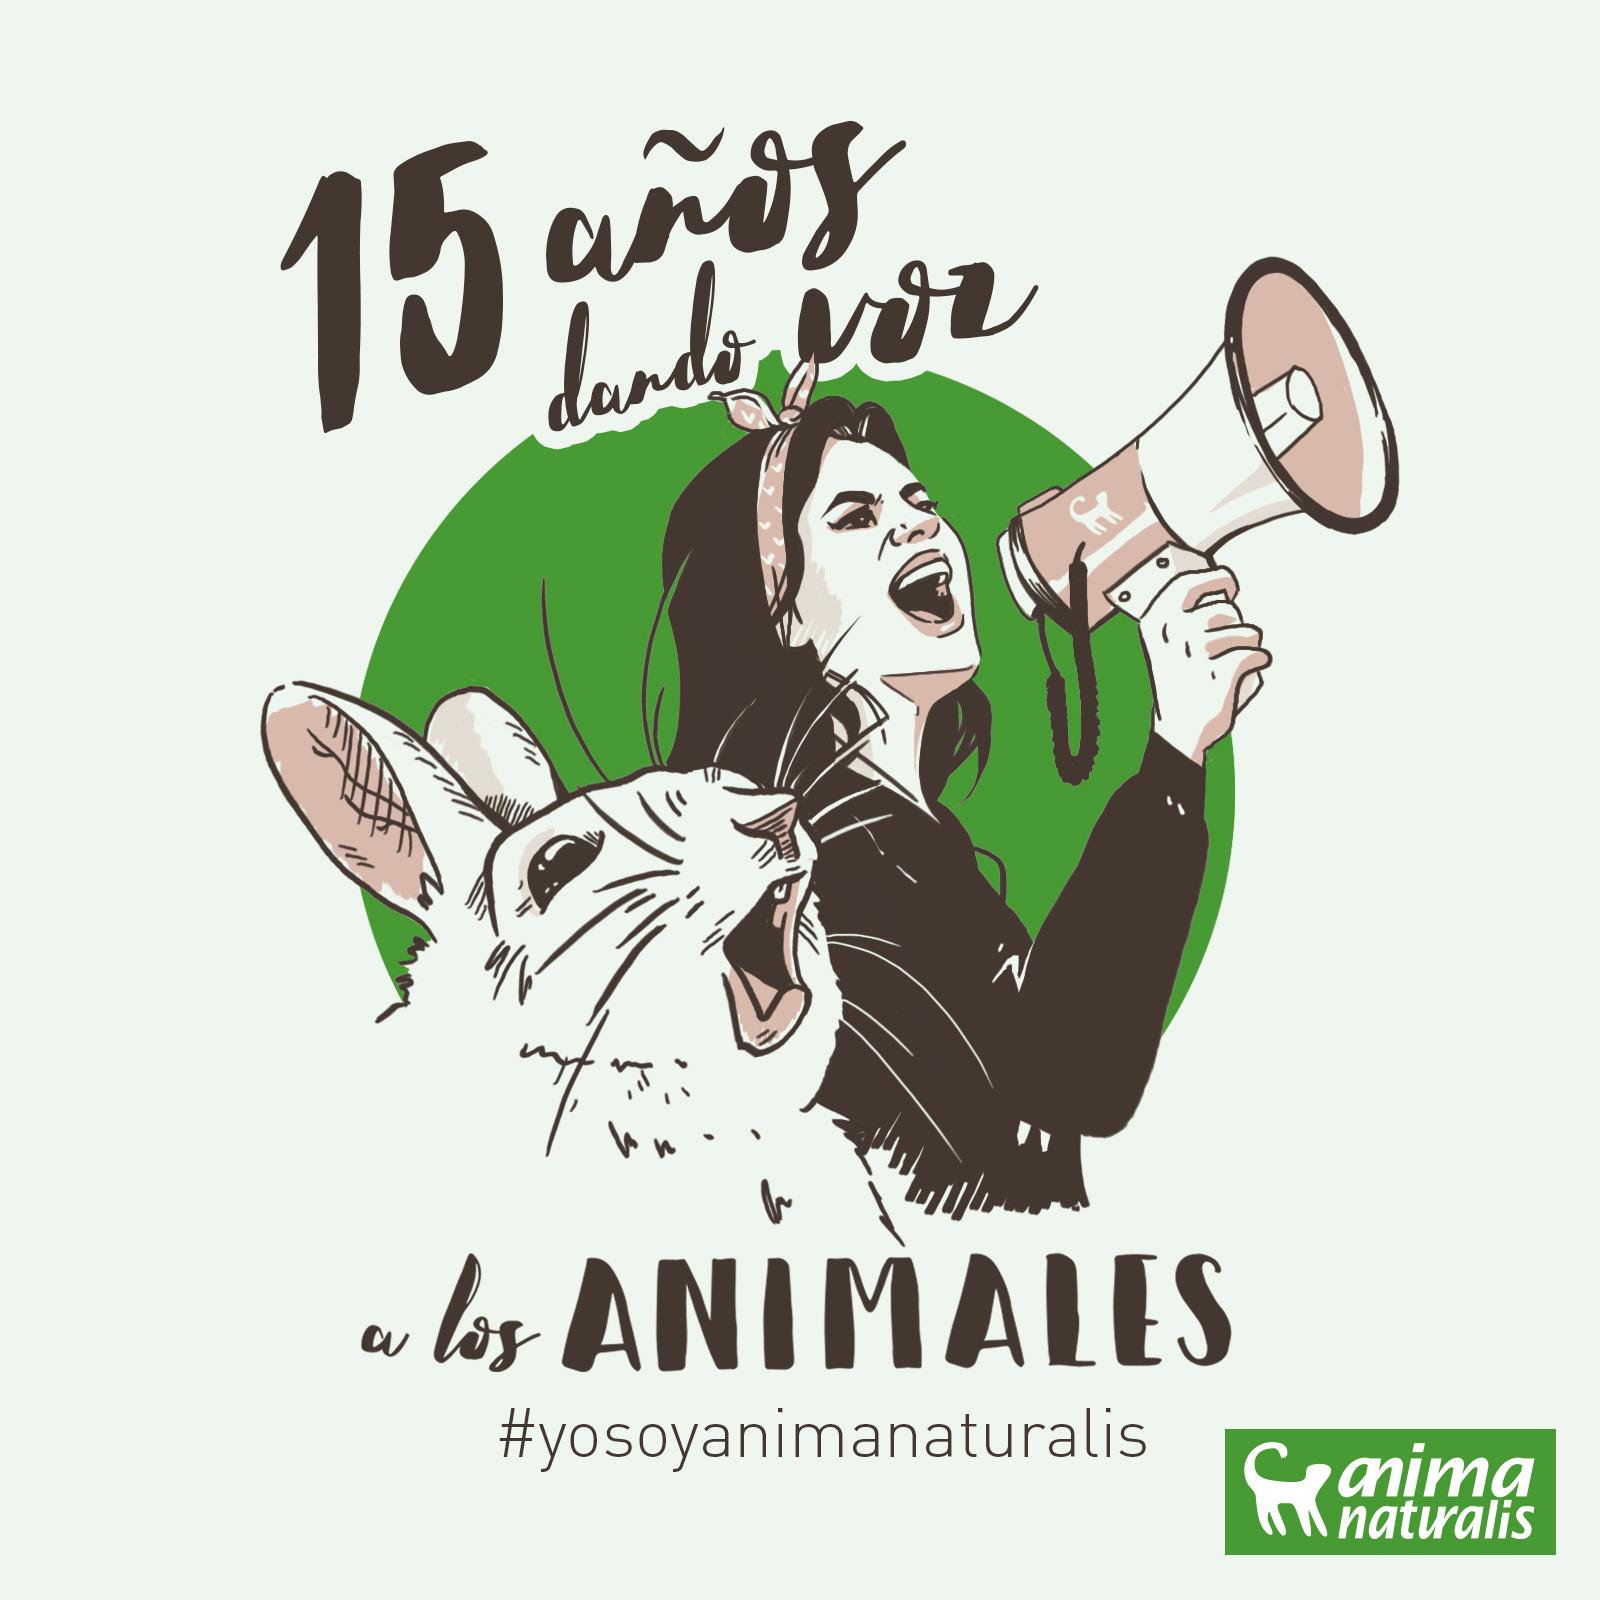 15 años siendo AnimaNaturalis